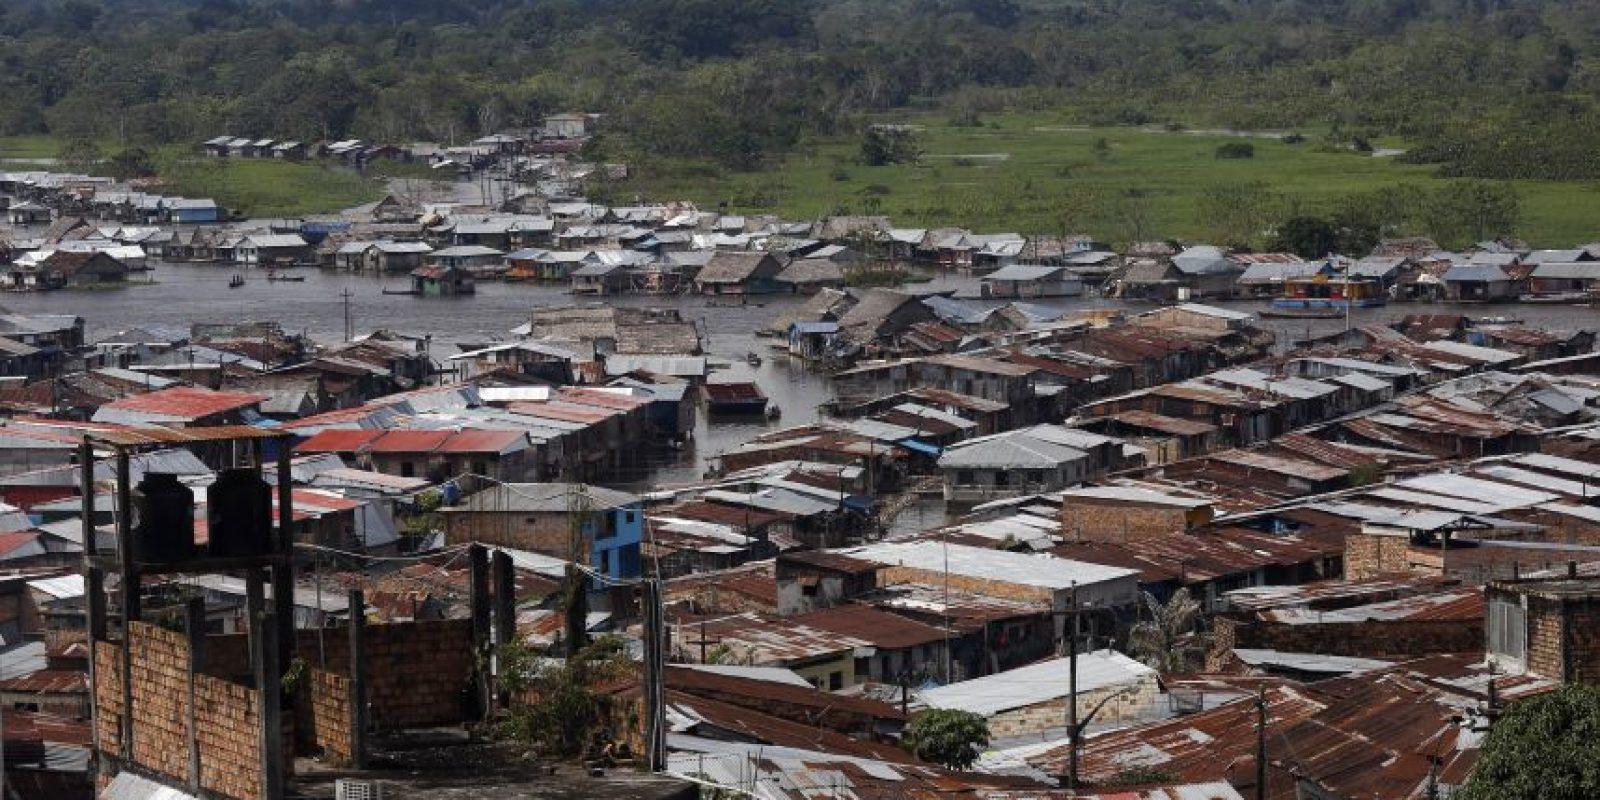 """En esta imagen del 20 de arbil de 2015, la zona baja de Belén, una empobrecida comunidad peruana conocida como """"Venecia de la jungla"""" en Iquitos, Perú. La comunidad sufre de varios problemas. Según estadísticas oficiales, el 40% de los nños en Belén sufren malnutrición y el 66% de la población es pobre. El Ministerio peruano de Salud señala que los habitantes suelen sufrir problemas respiratorios, asi como frecuentes enfermedades diarreicas causadas por personas y animales que defecan demasiado cerca en el río. Foto:AP/ Rodrigo Abd"""